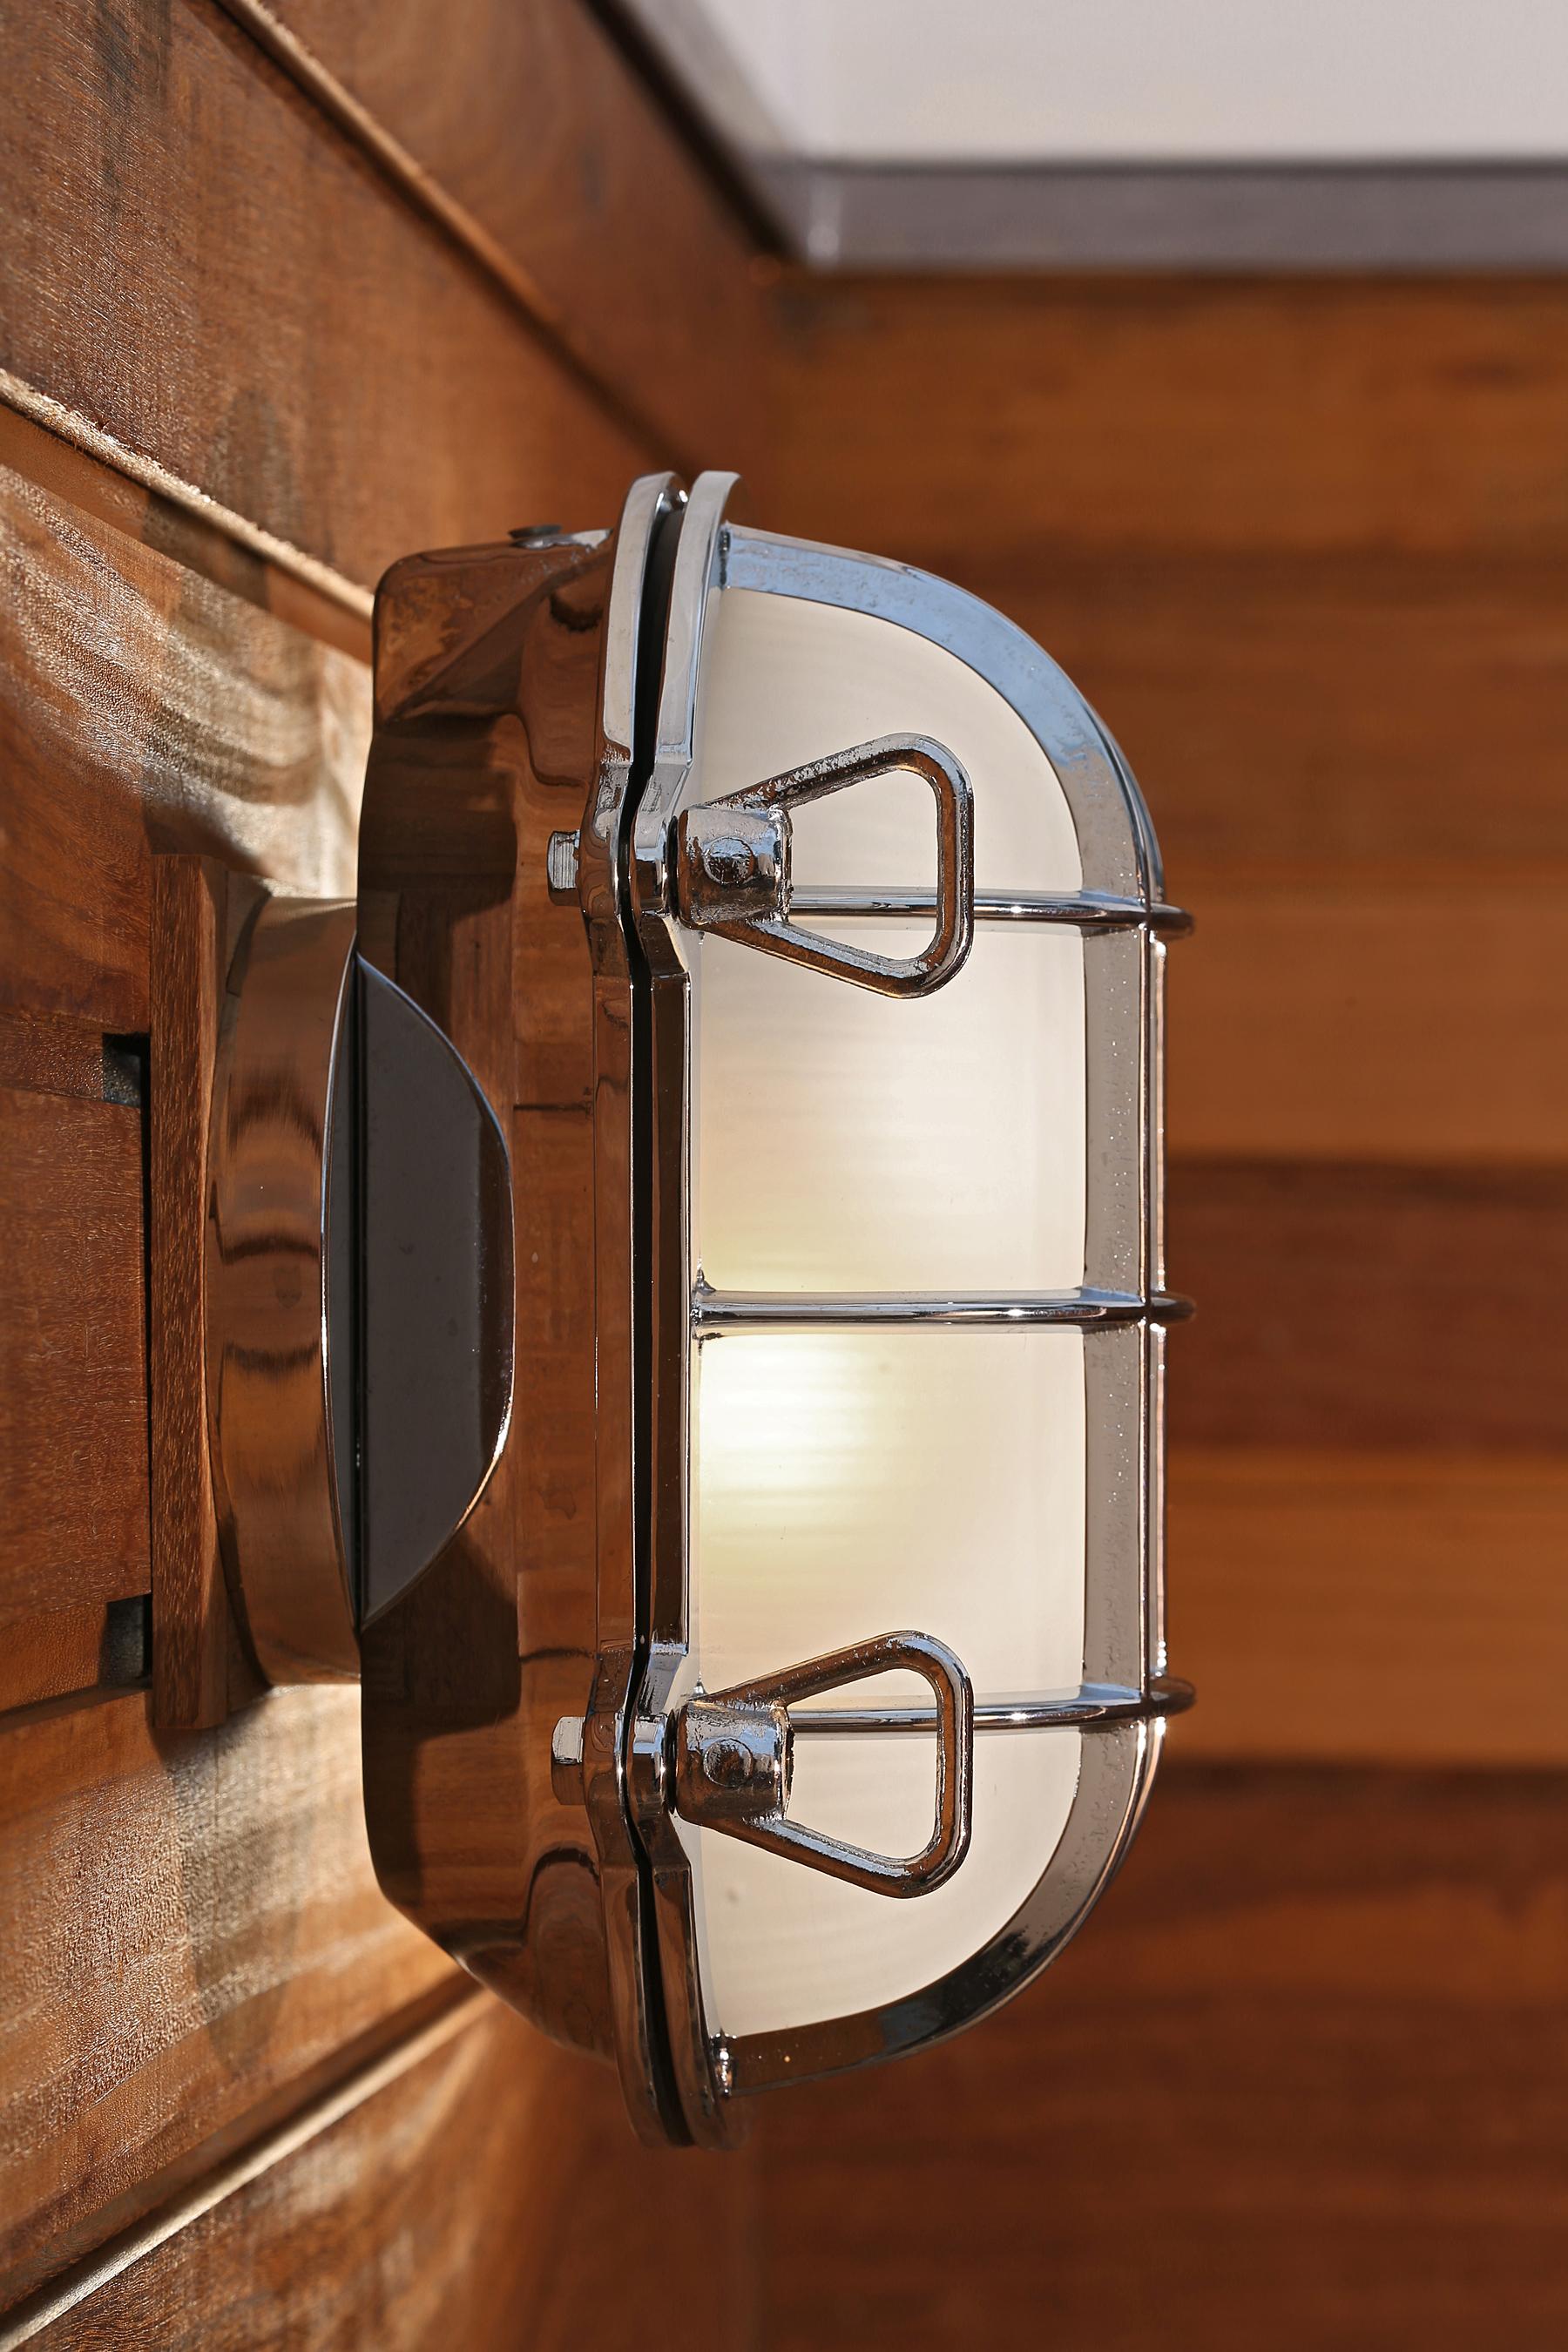 7-Light Fixture.jpg